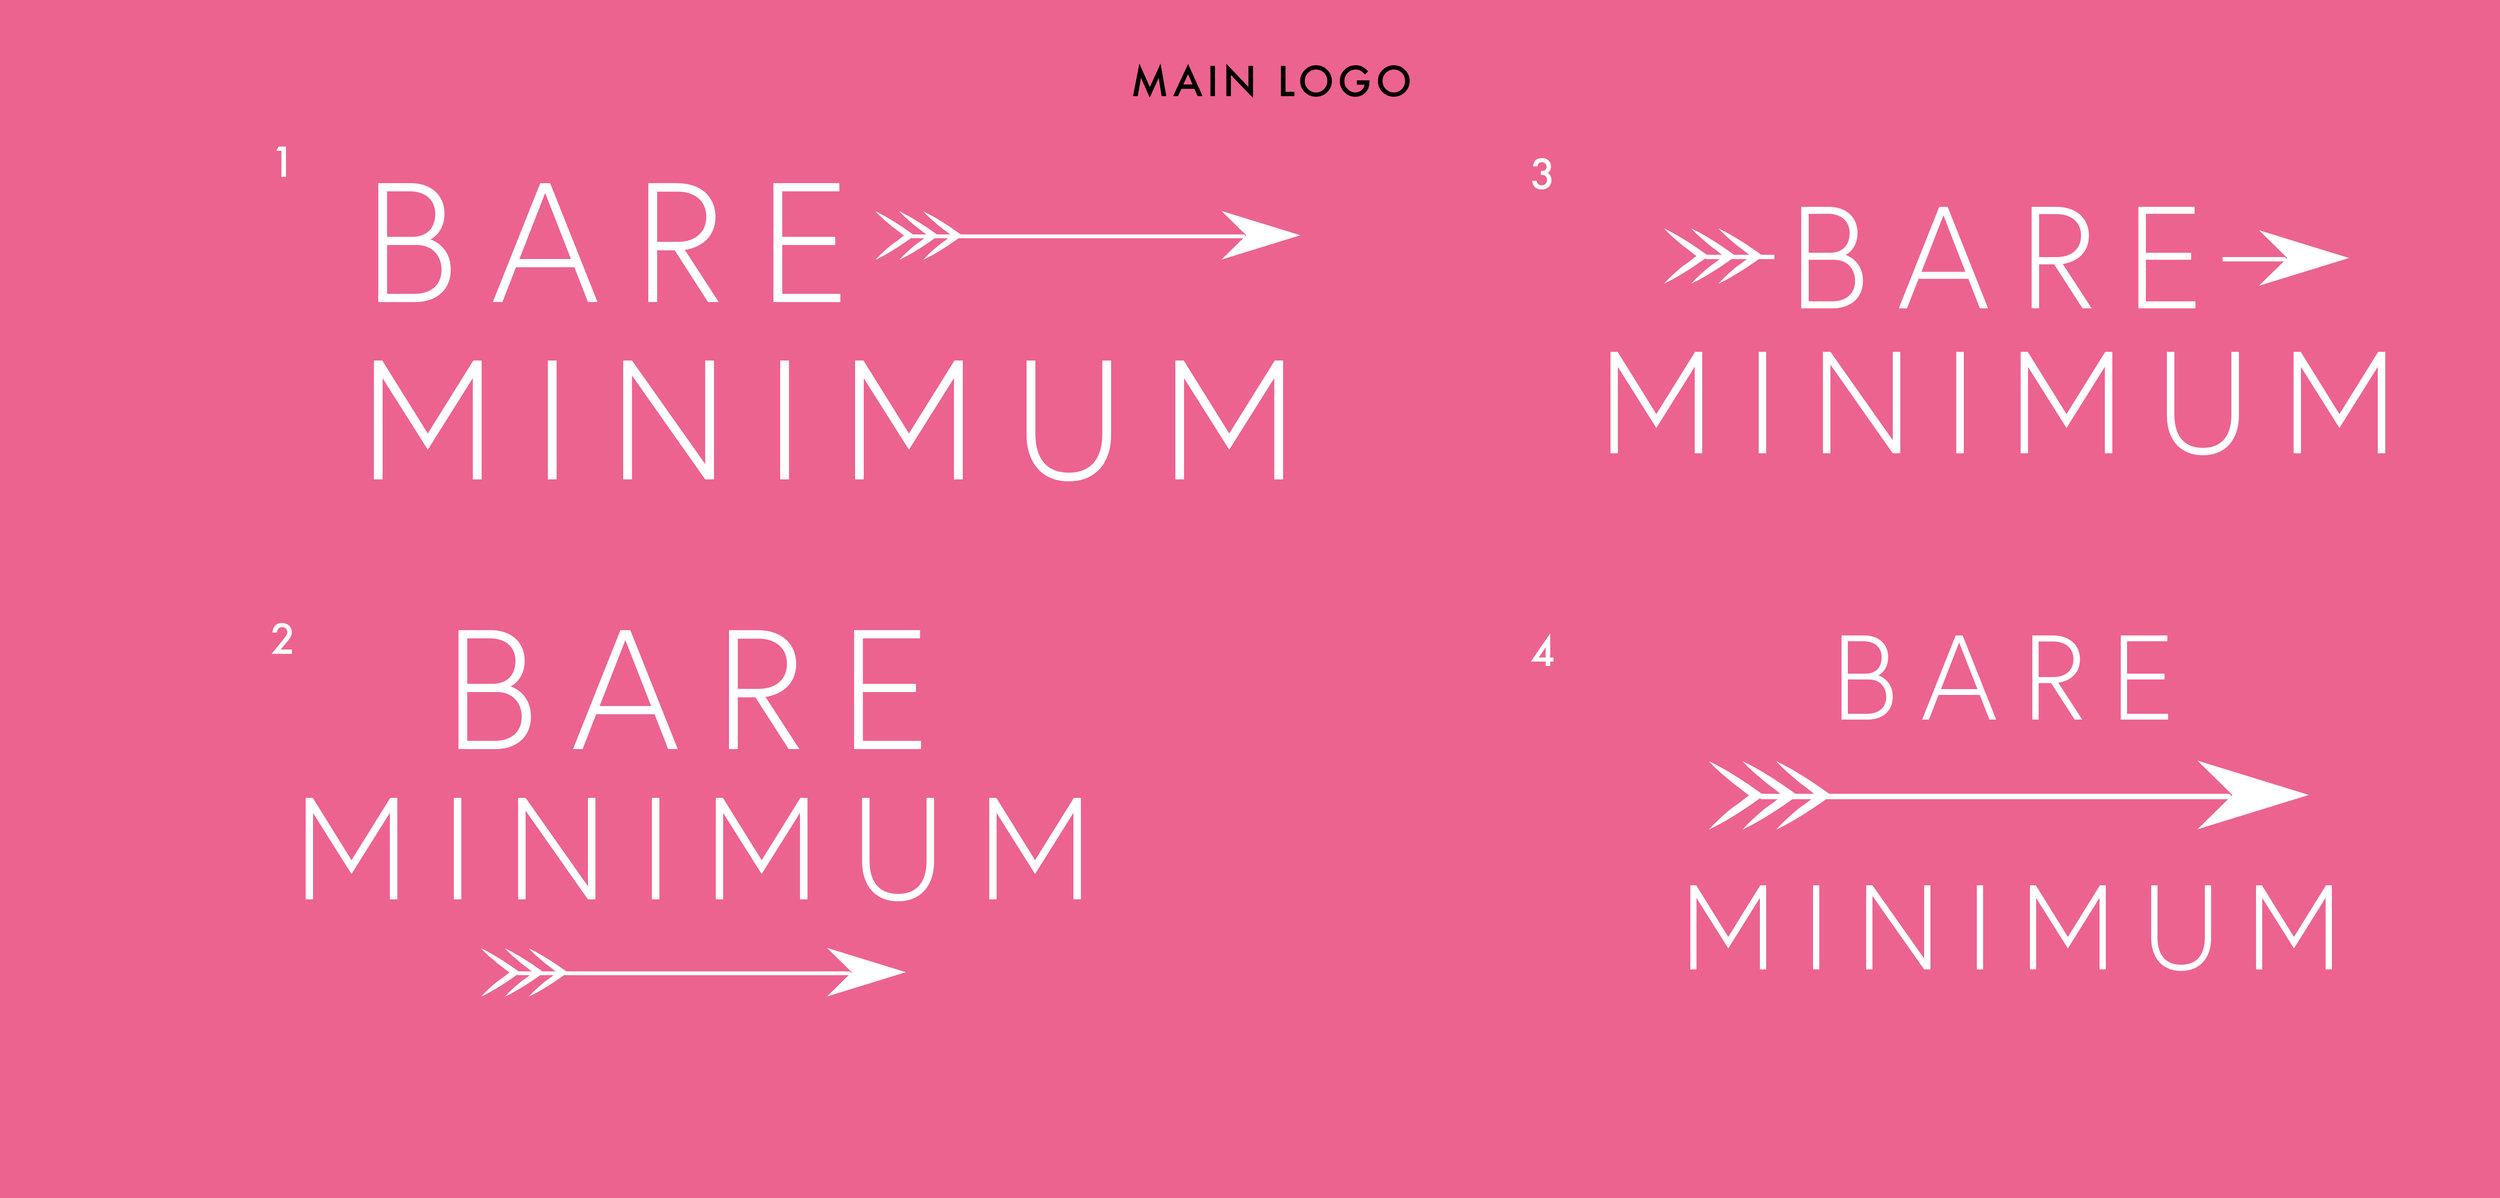 BareMinimum_Logos_draft4-7.jpg